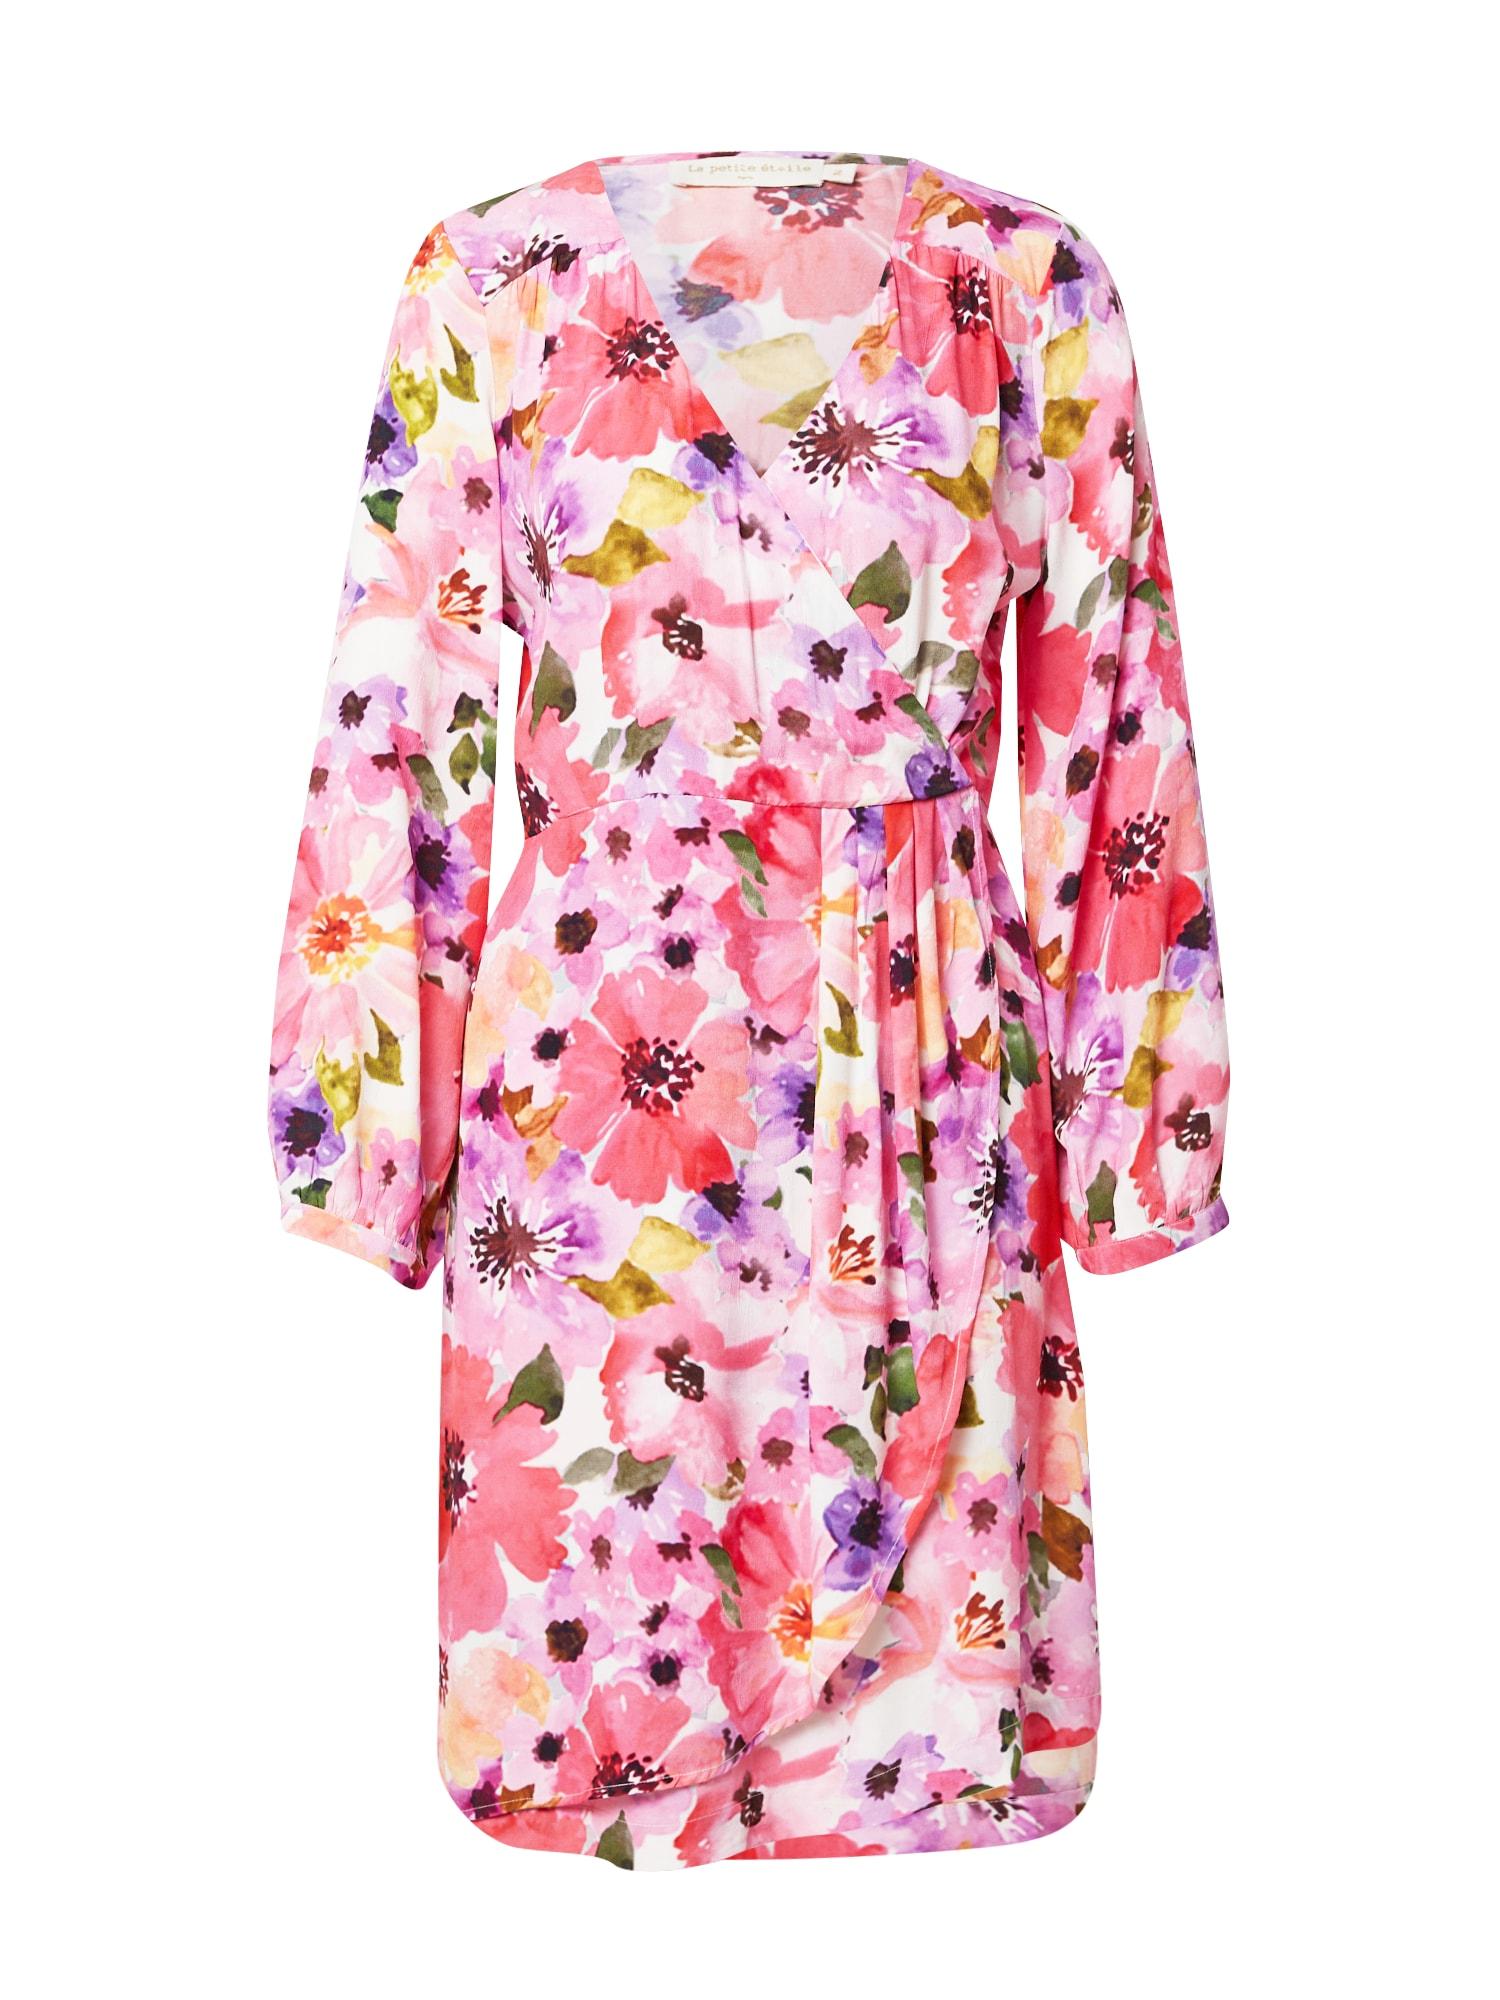 La petite étoile Palaidinės tipo suknelė rožių spalva / pitajų spalva / kremo / granatų spalva / purpurinė